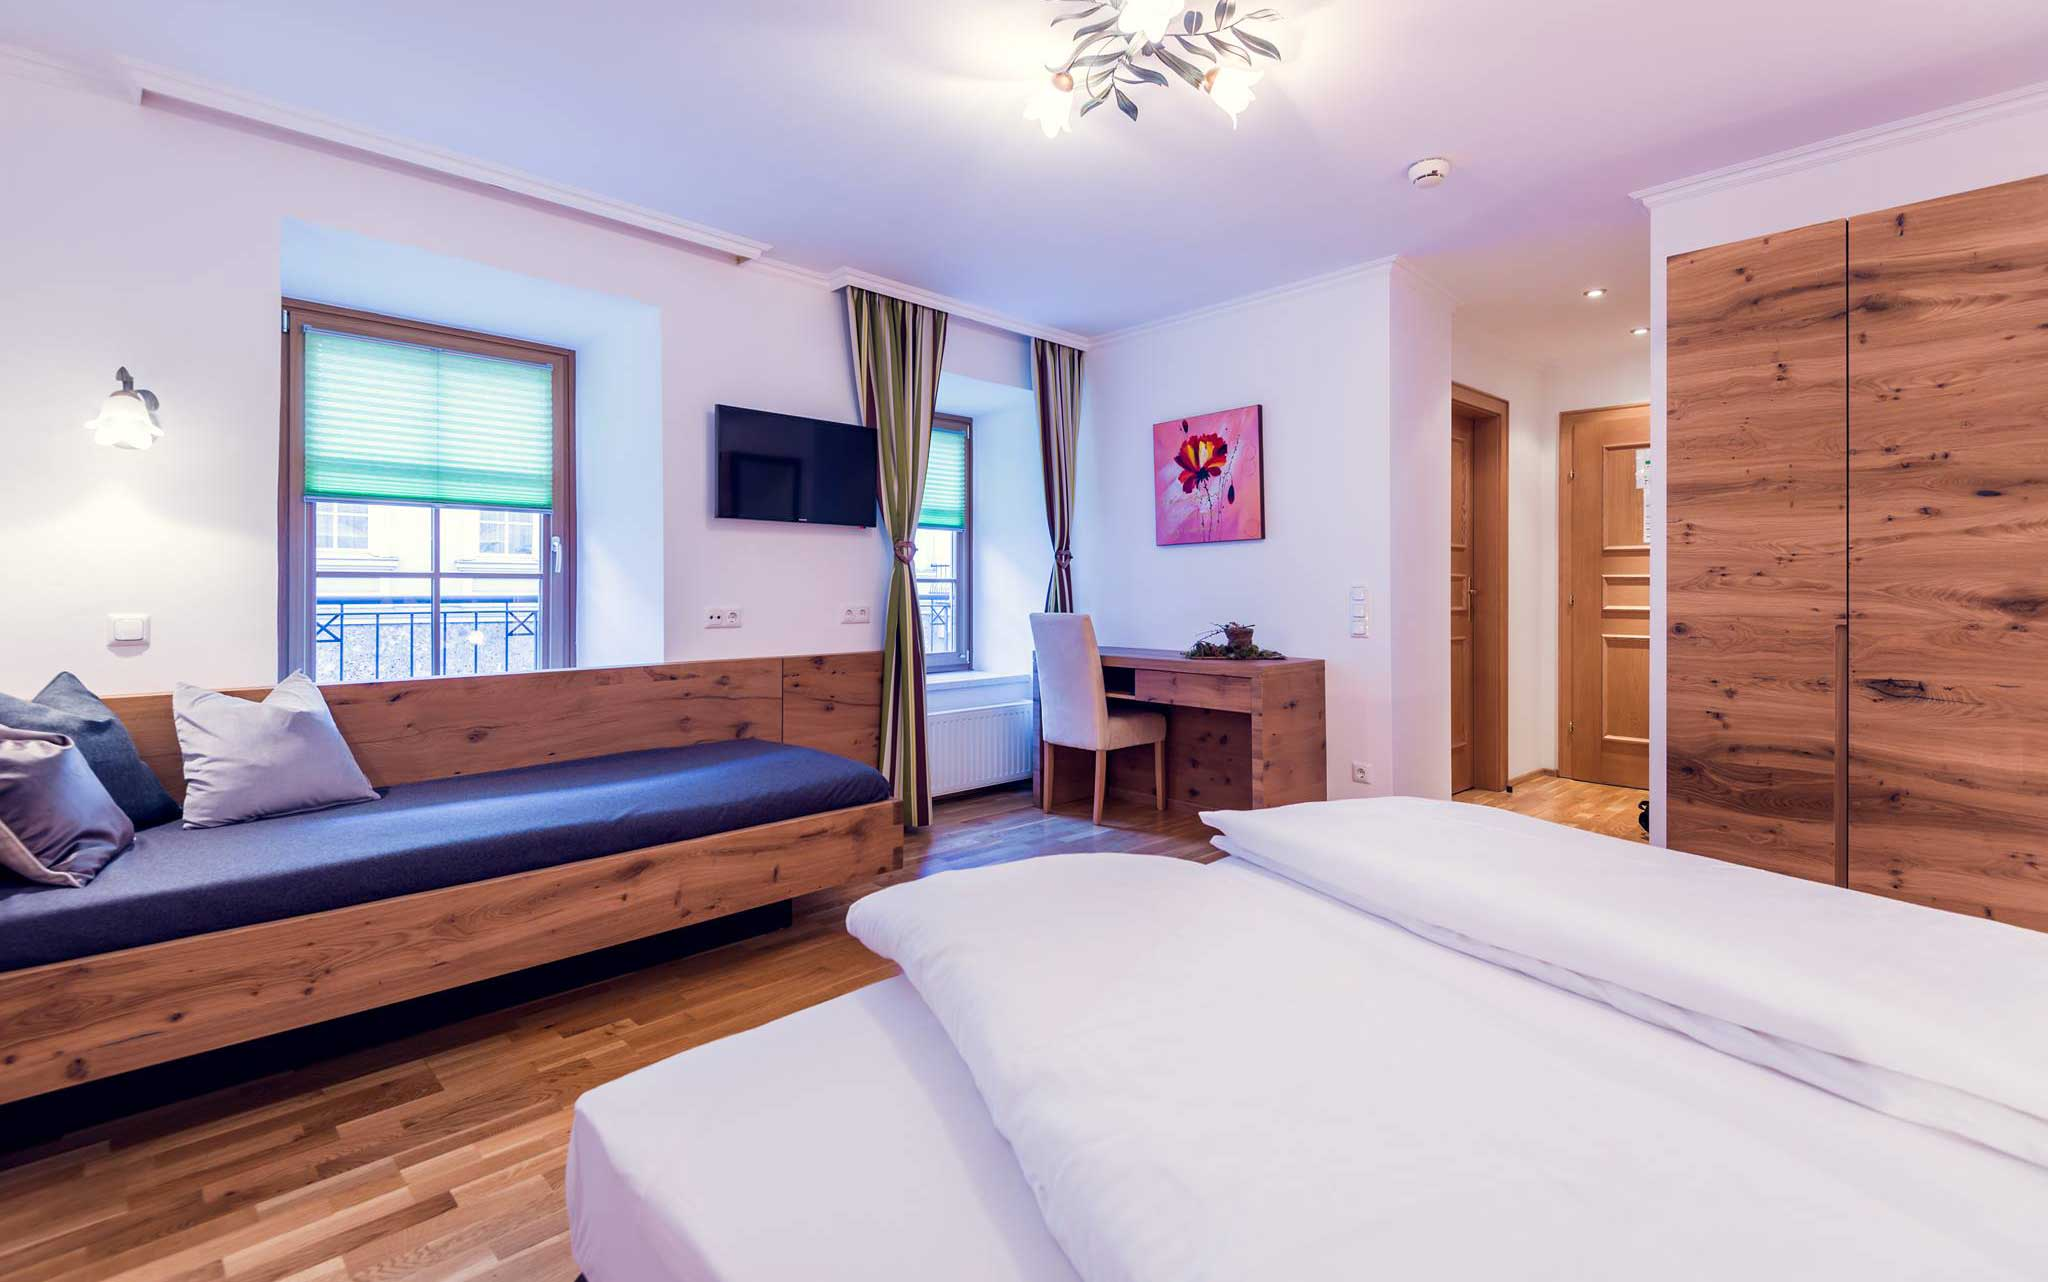 Doppelzimmer Komfort in St. Johann Alpendorf mit Frühstück